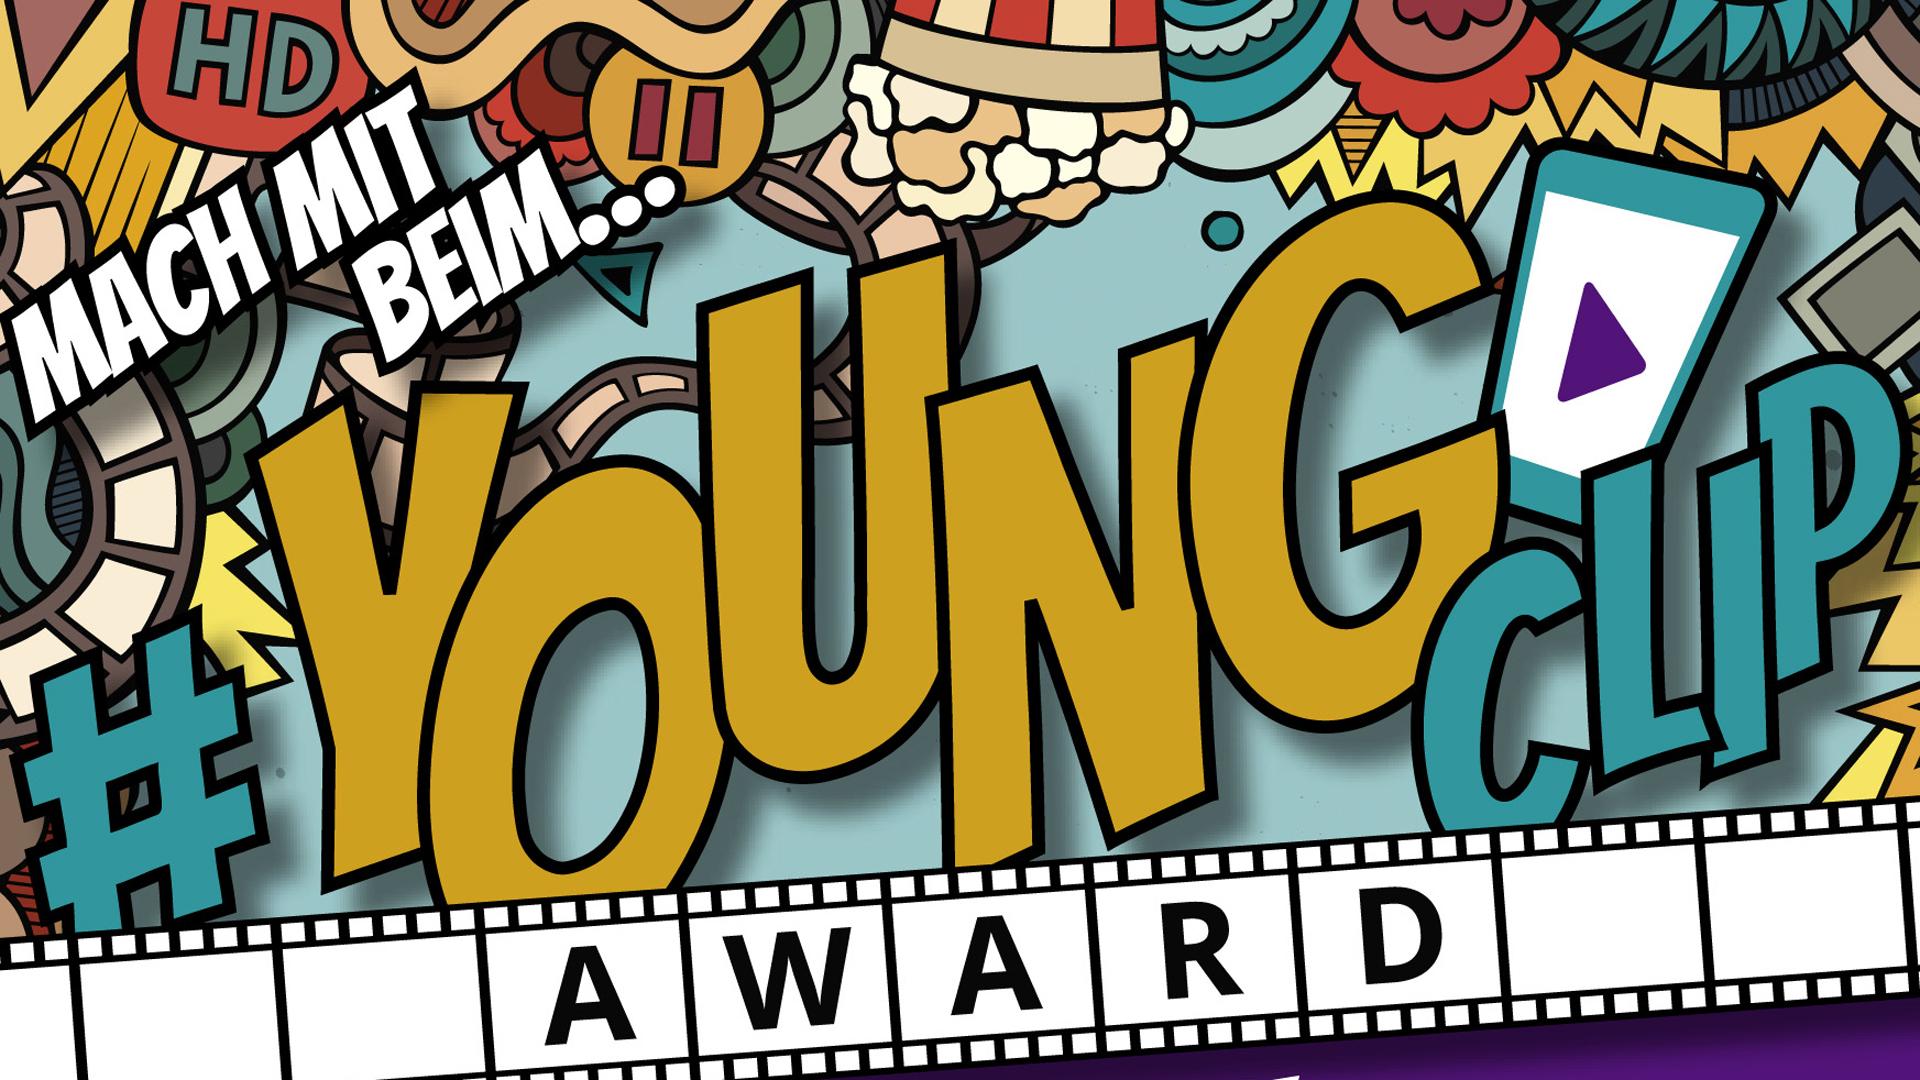 Jugendliche sollen jeden Monat mit ihrem Smartphone einen kurzen Film drehen